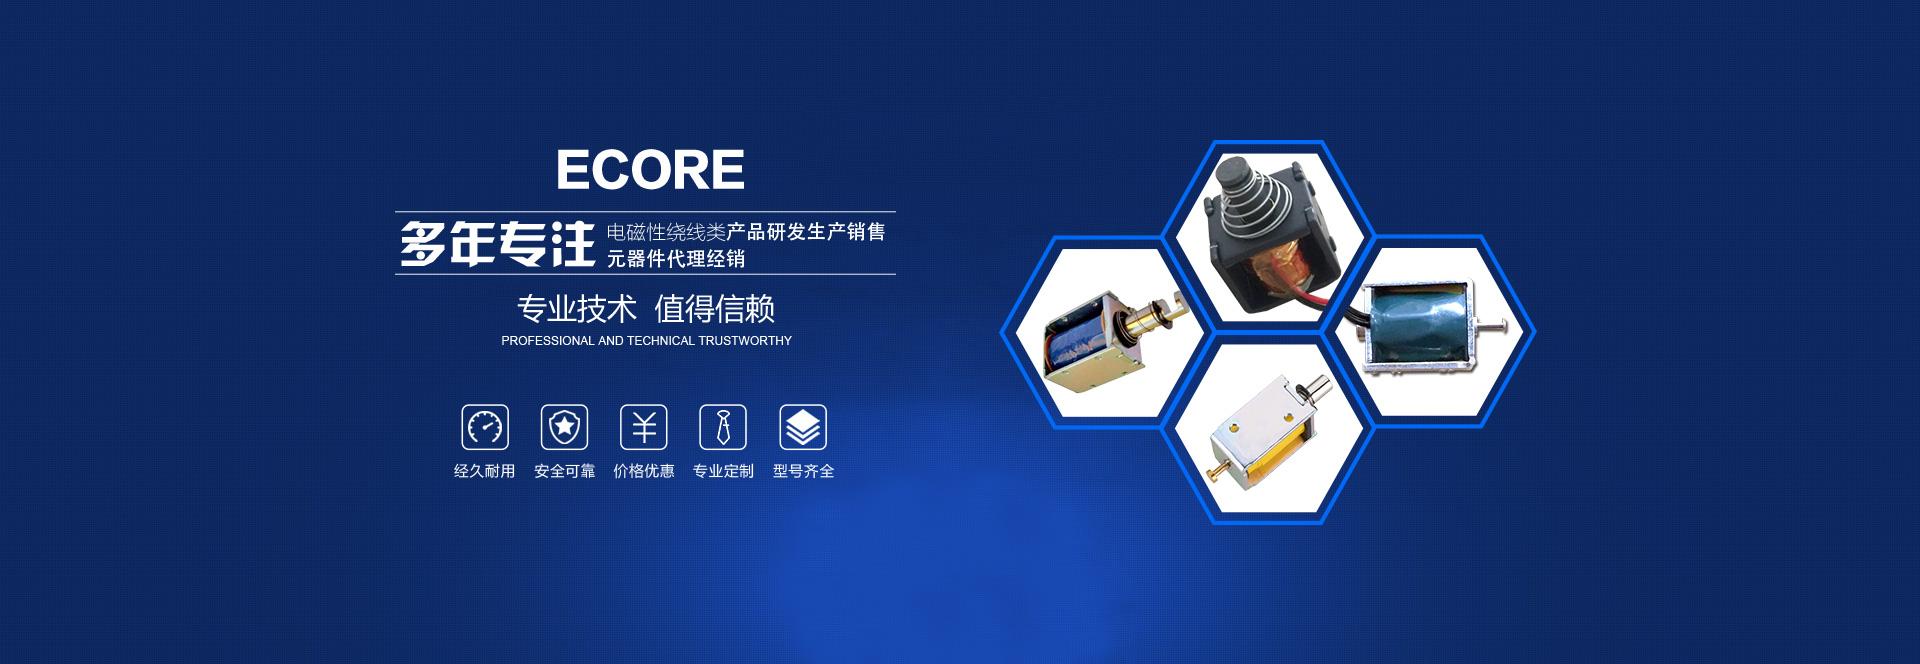 电磁铁和传感器代理经销